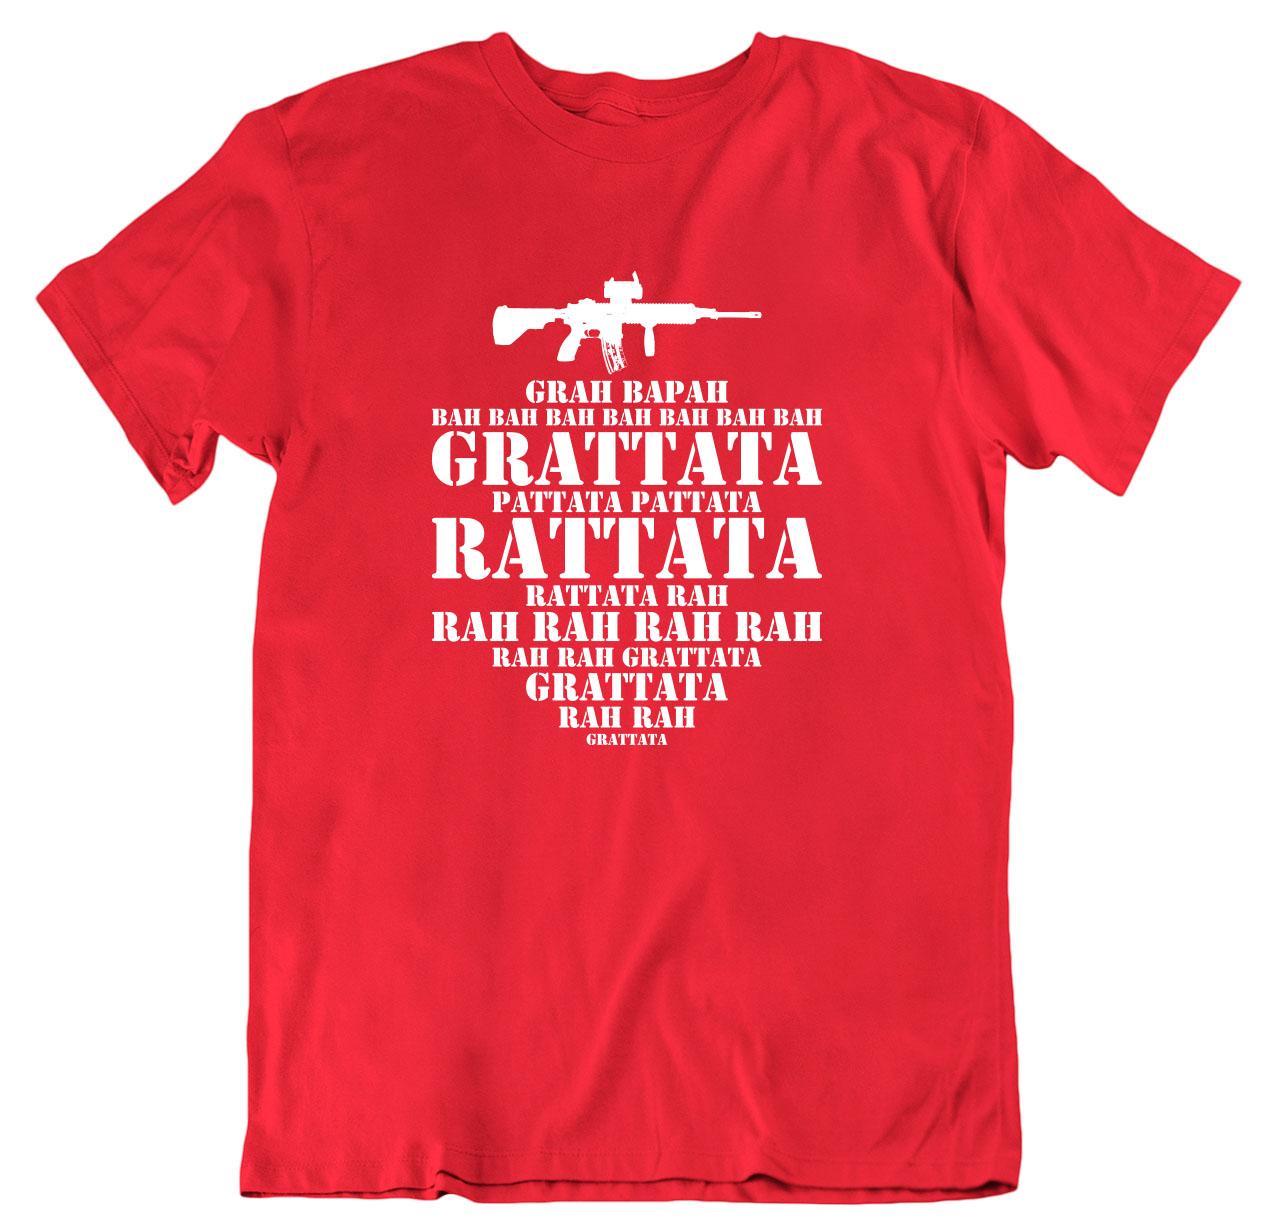 Grattata Rattata Førstegangstjenesten T skjorte dame Ekte